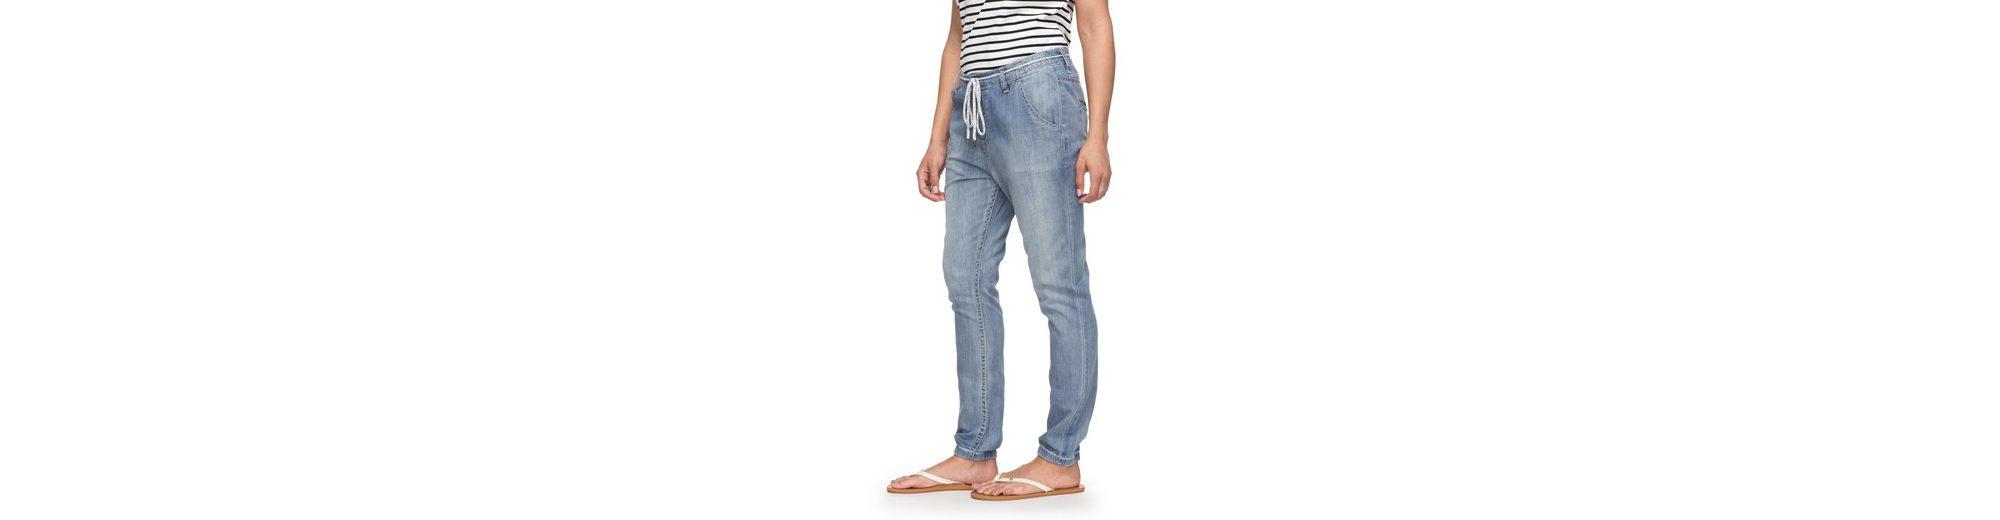 Roxy Strandhose aus Jeansstoff Tropi Call Verkauf Von Top-Qualität Verkauf Extrem Qualität Frei Für Verkauf Footlocker Abbildungen Günstigen Preis HOpdZ3W